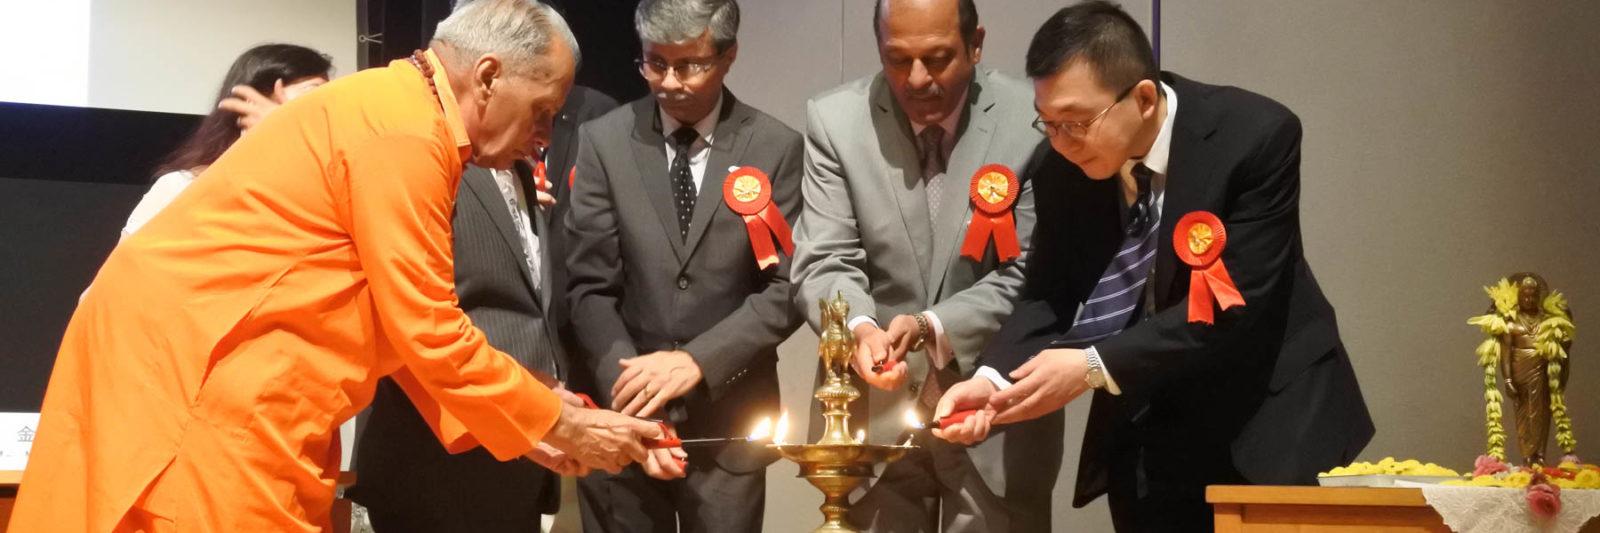 第一回インド政府AYUSHセミナー ランプを灯す